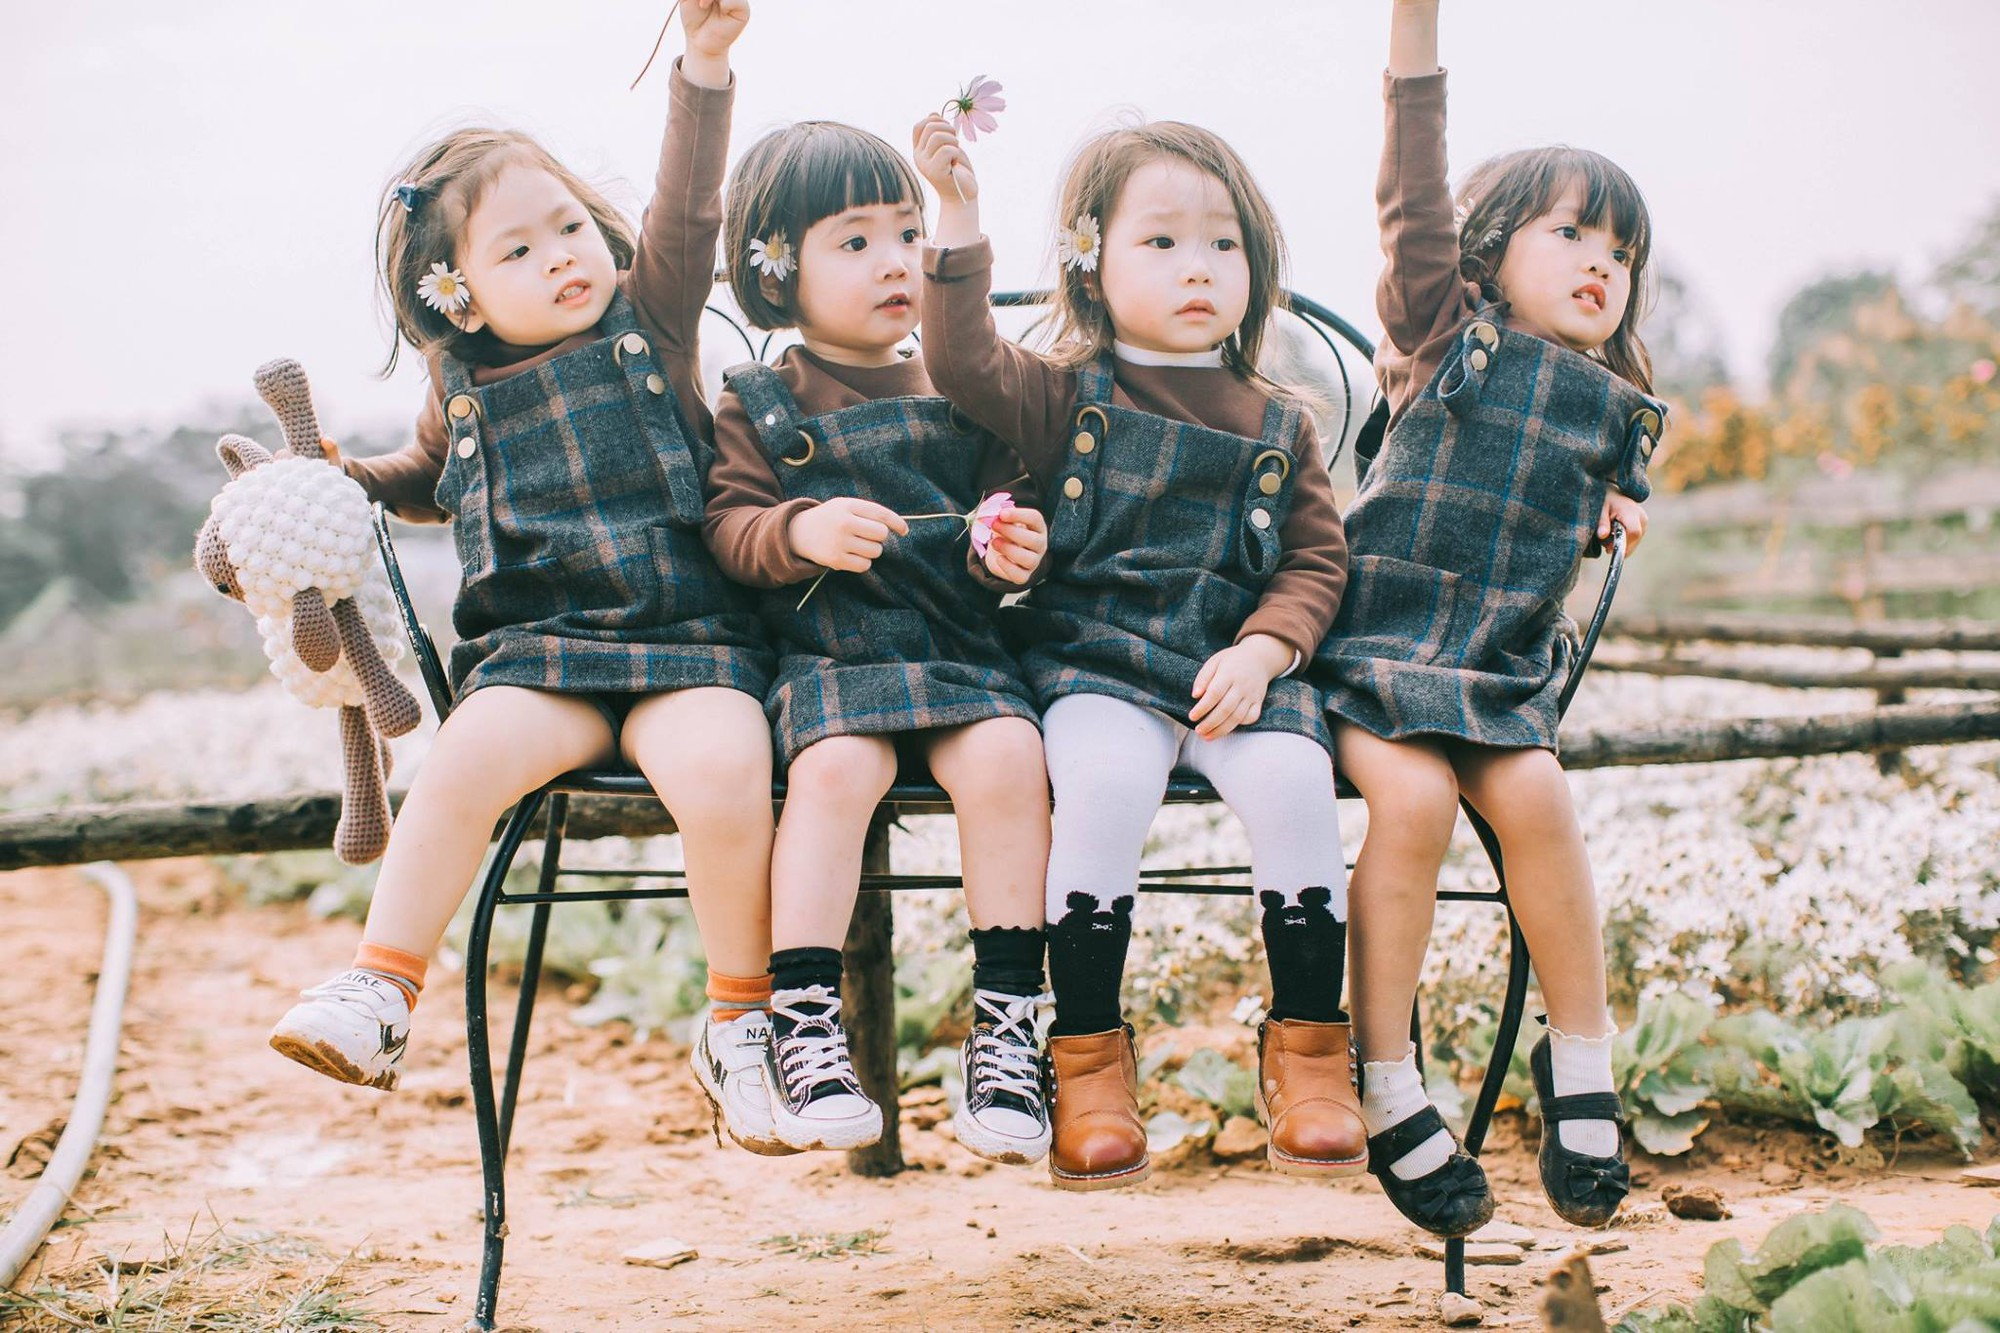 Mẹ chơi với nhau thời ĐH, lên 3 tuổi các con đã có bộ ảnh cùng hội bạn thân siêu đáng yêu - Ảnh 1.